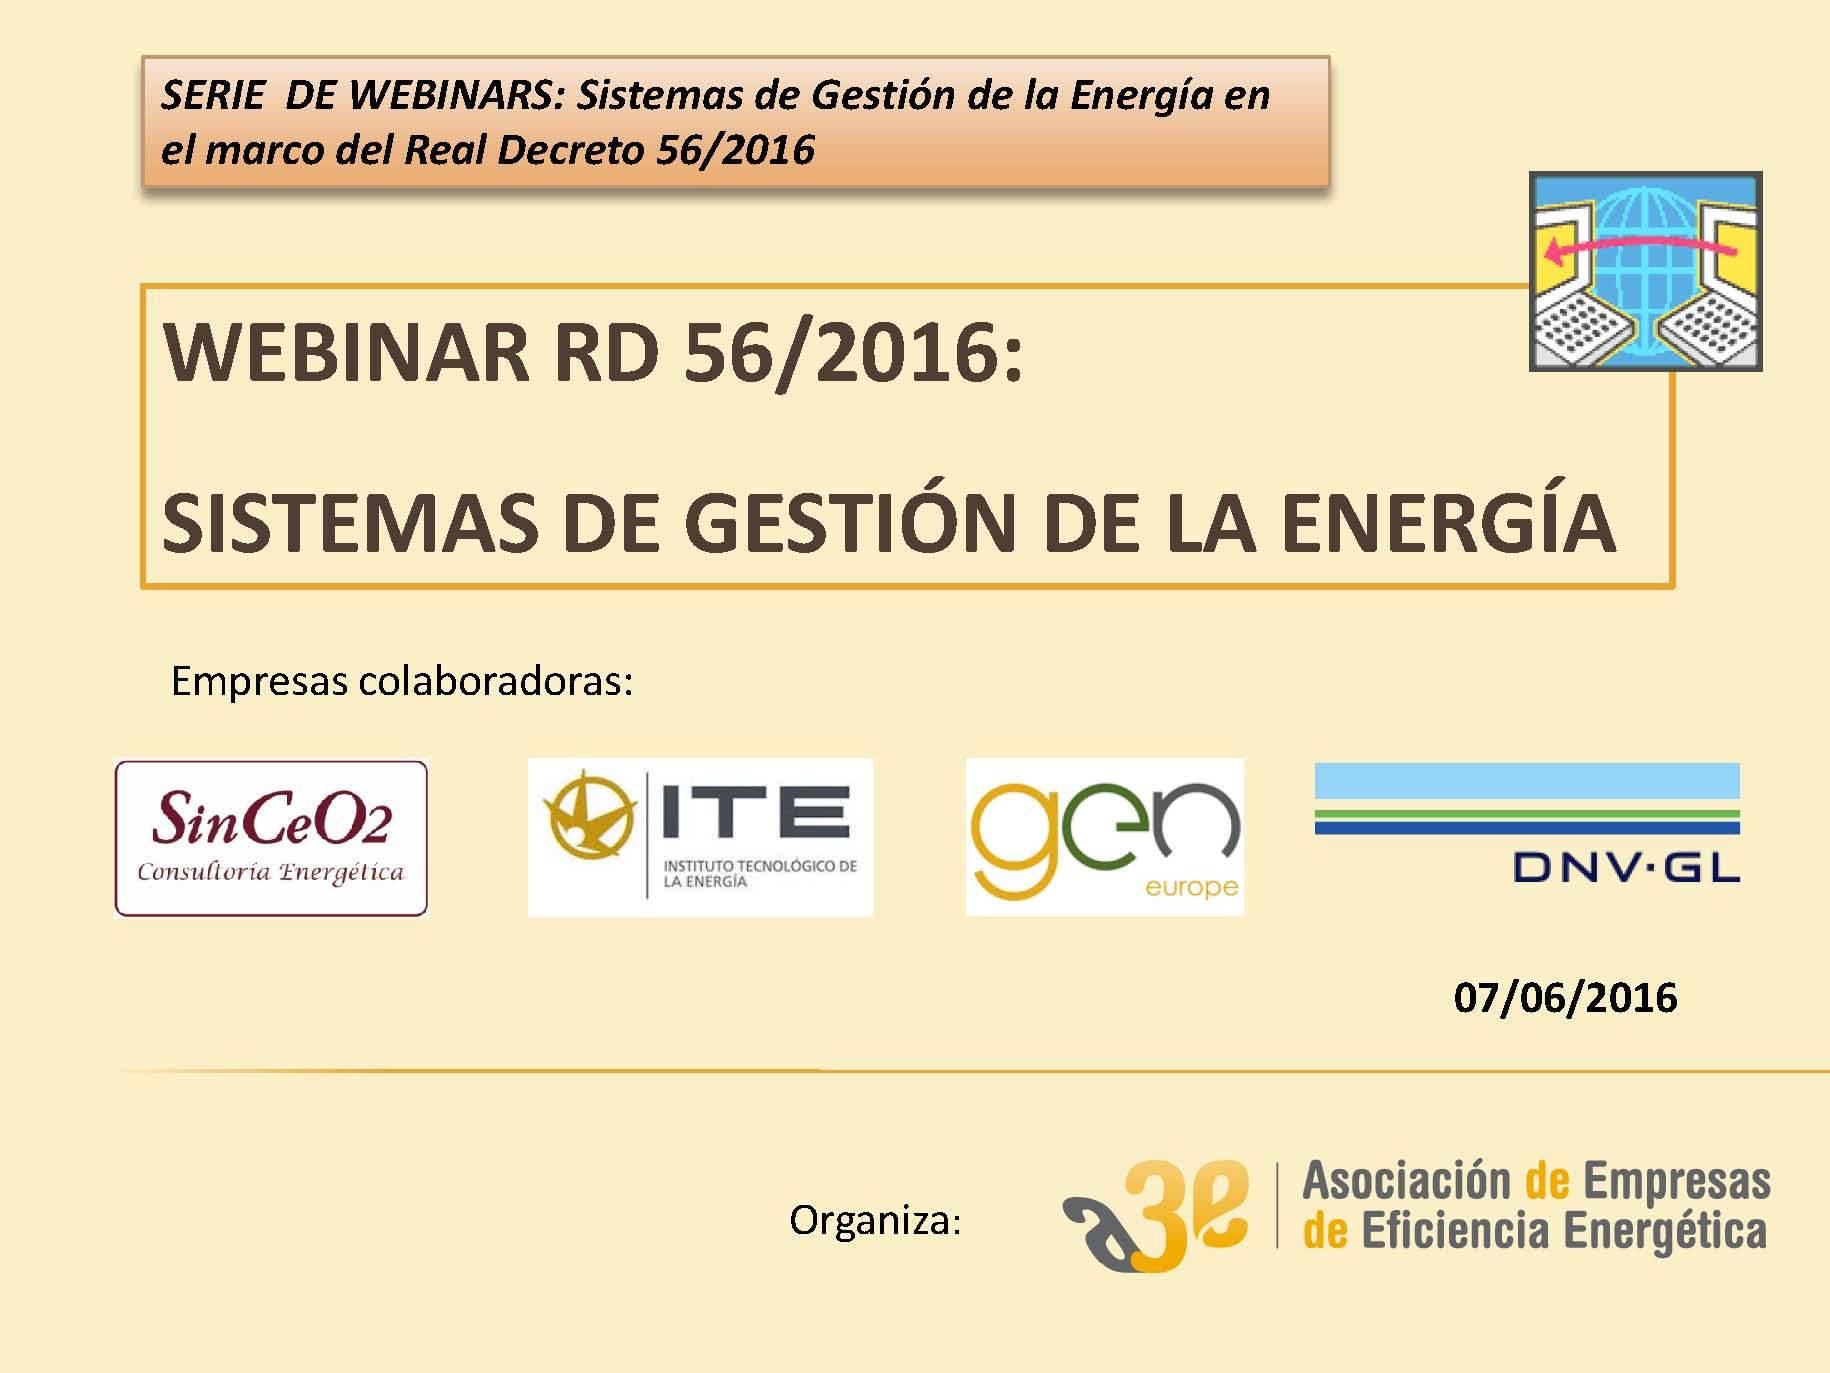 Webinar: RD 56/2016 - Sistemas de Gestión de la Energía